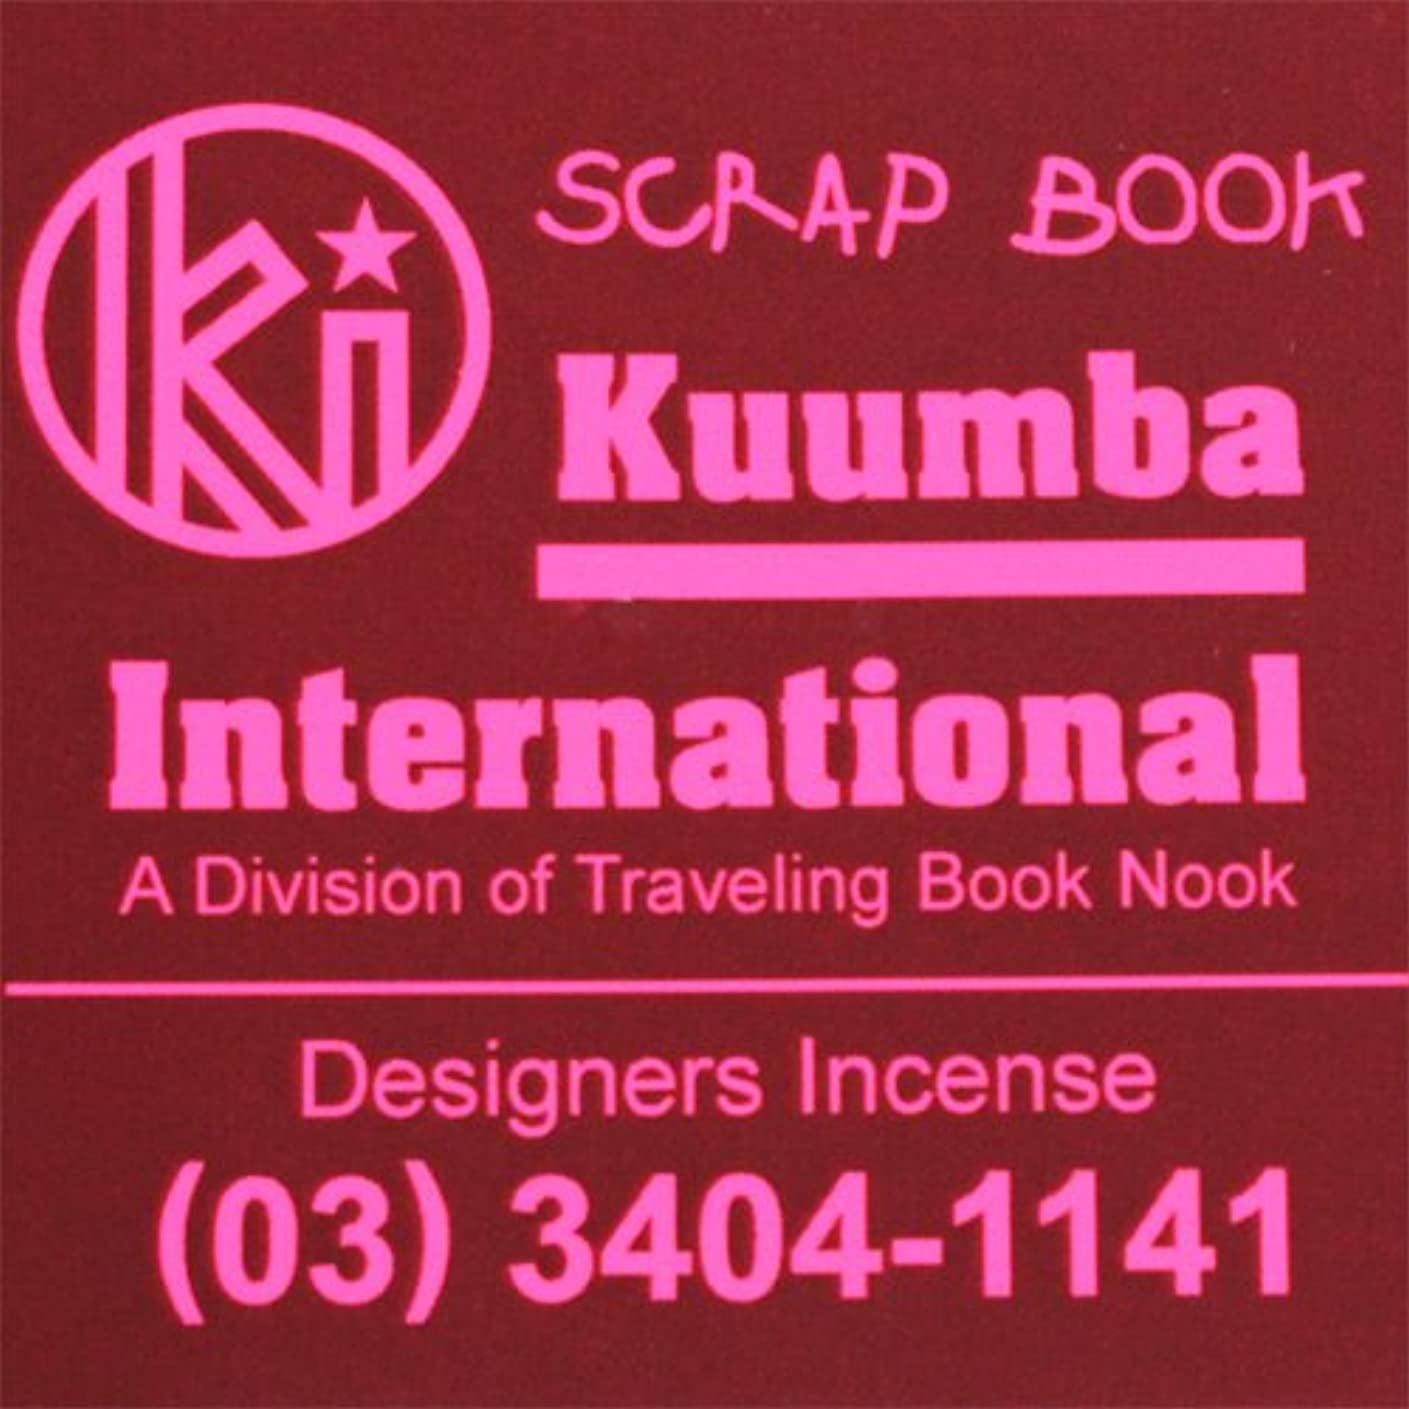 取り替える環境第KUUMBA / クンバ『incense』(SCRAP BOOK) (Regular size)